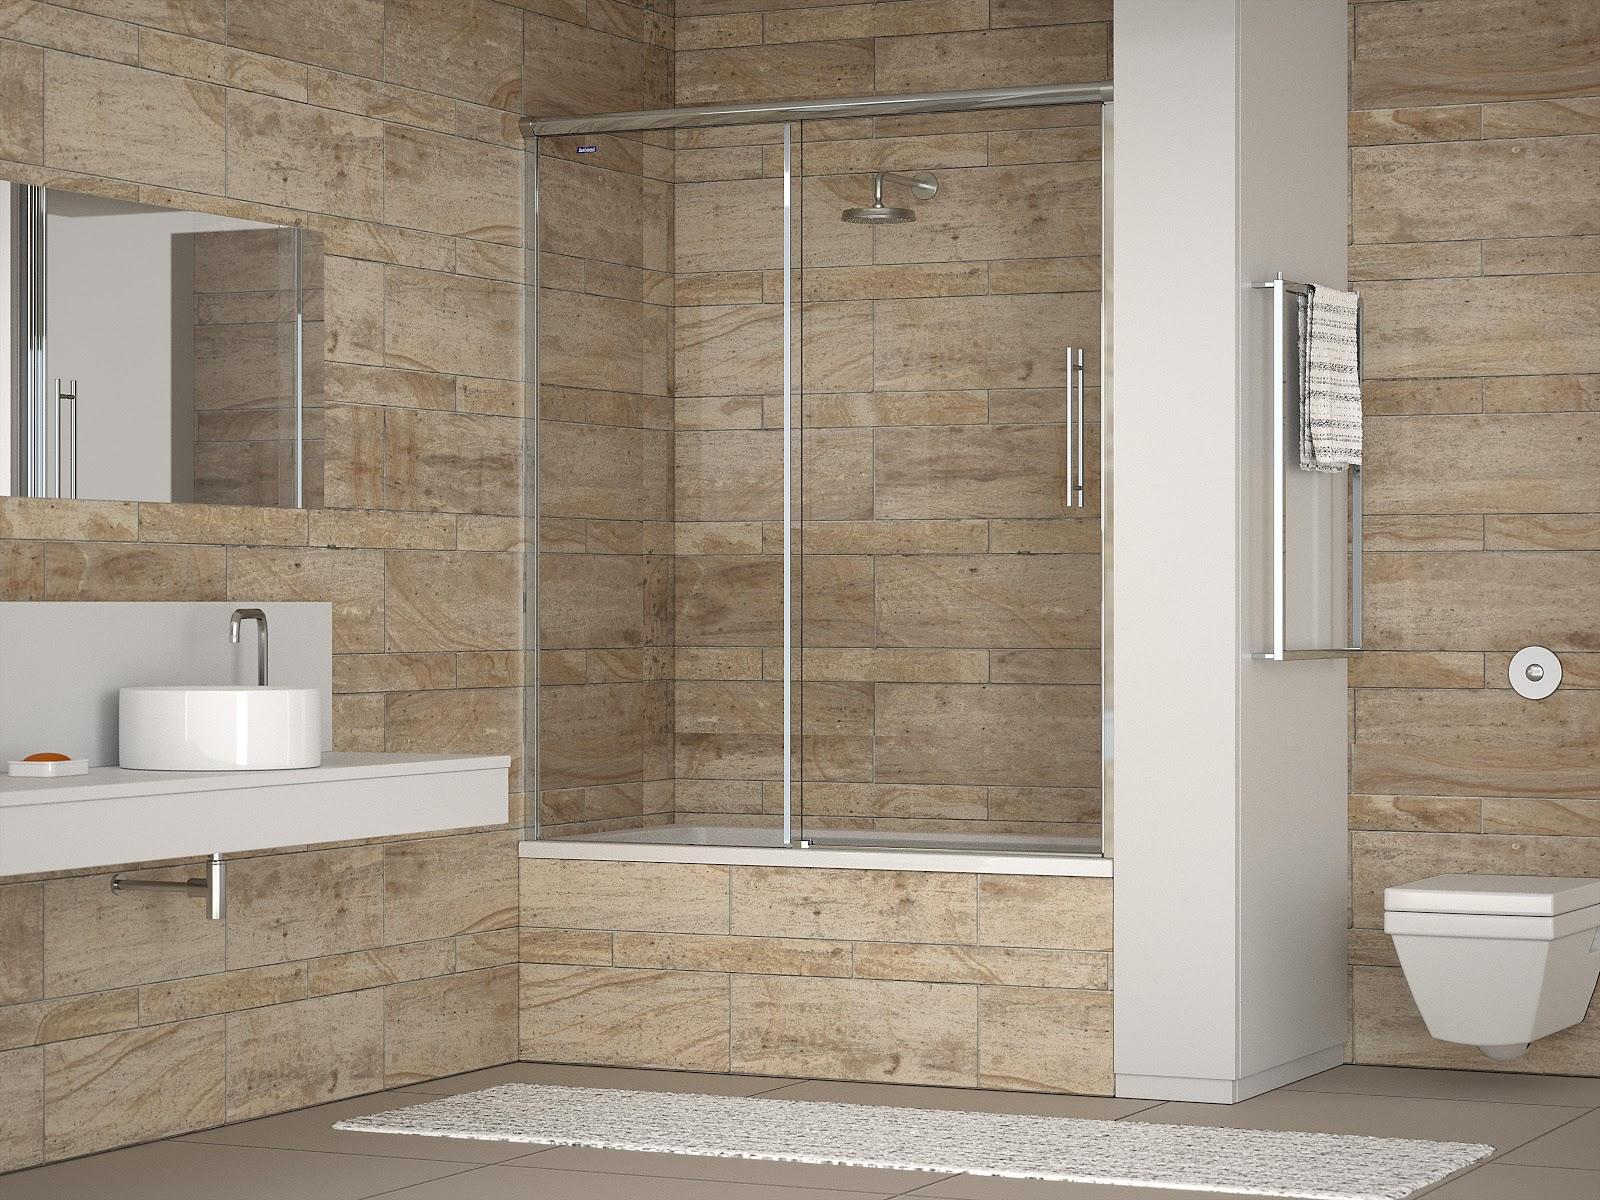 Diseno De Baño Minimalista: para frontal de bañeras con puerta corredera las guías superiores de